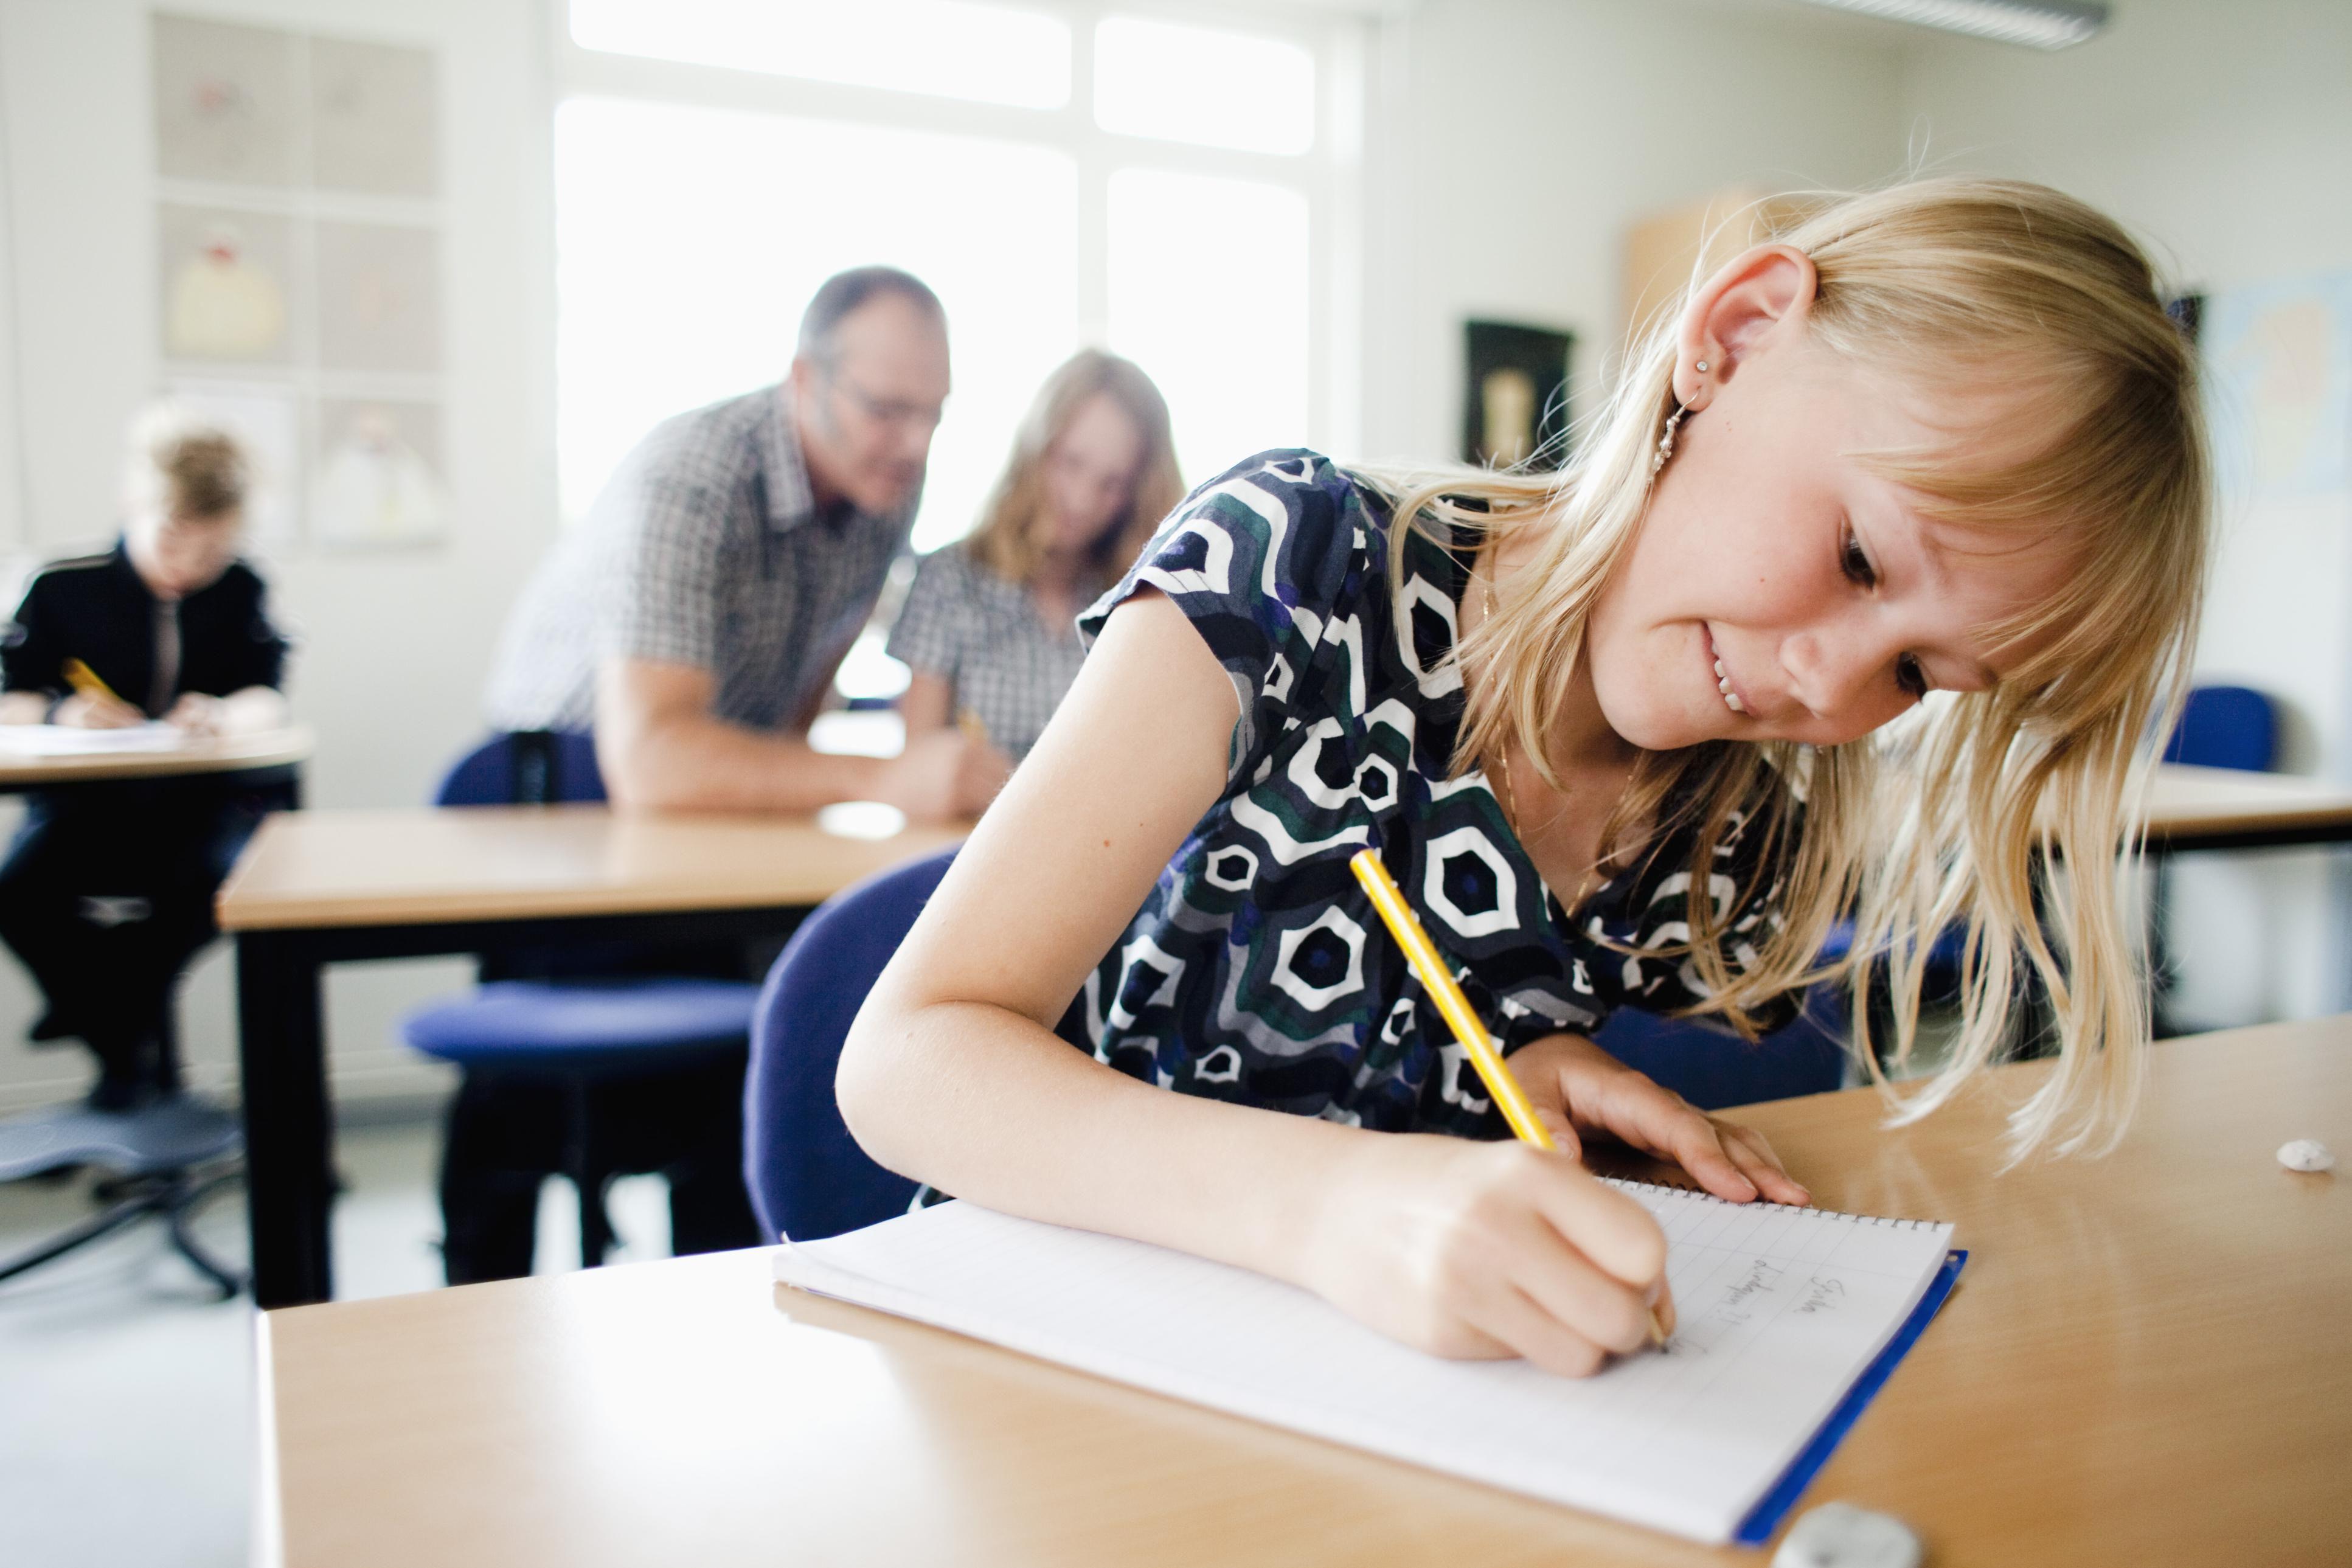 Zoznamka Tipy pre stredné schoolers